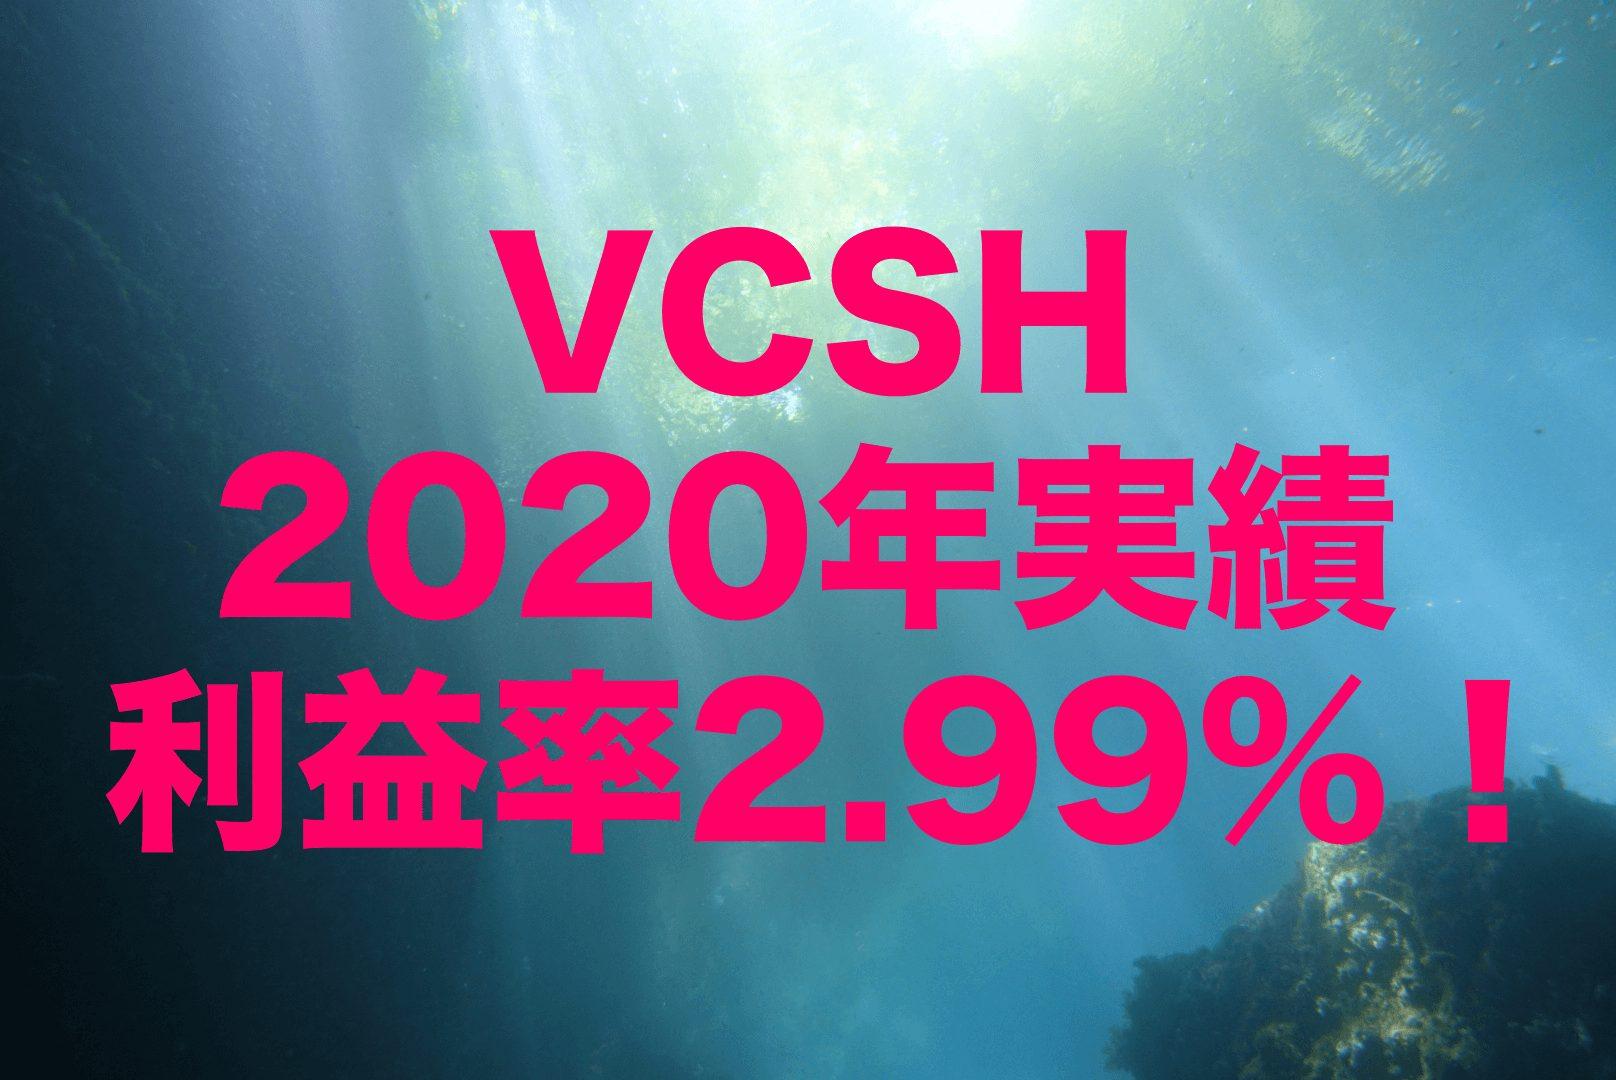 利益率2.99%!2020年のVCSH(バンガード・米国短期社債 ETF)運用実績